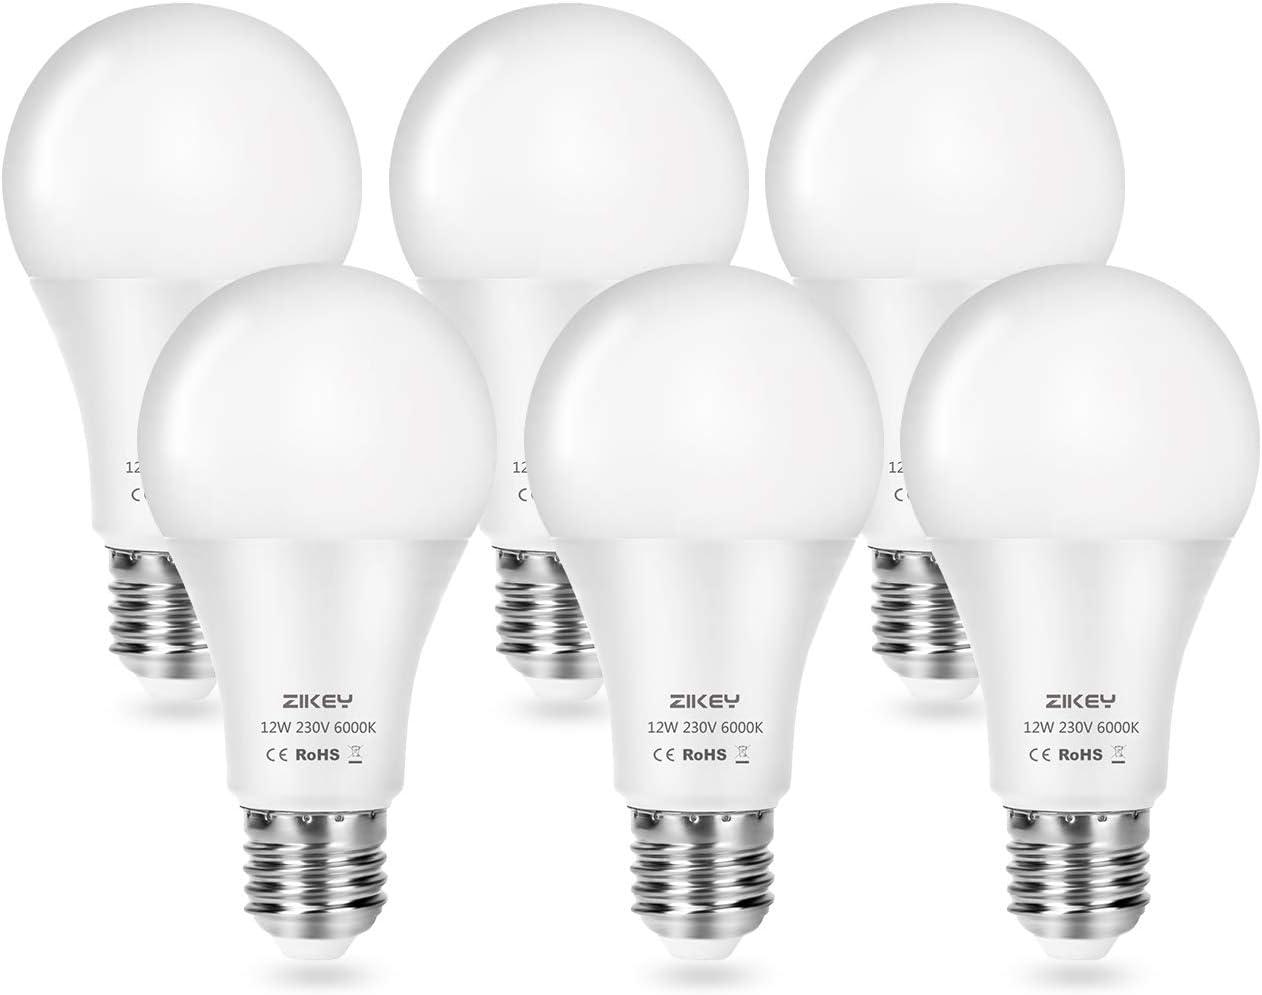 ZIKEY Bombilla LED A65, Casquillo E27, 12 W equivalentes a 100 W, 6000K Luz Blanca Fría, 1100 lúmenes, No regulable - Paquete de 6